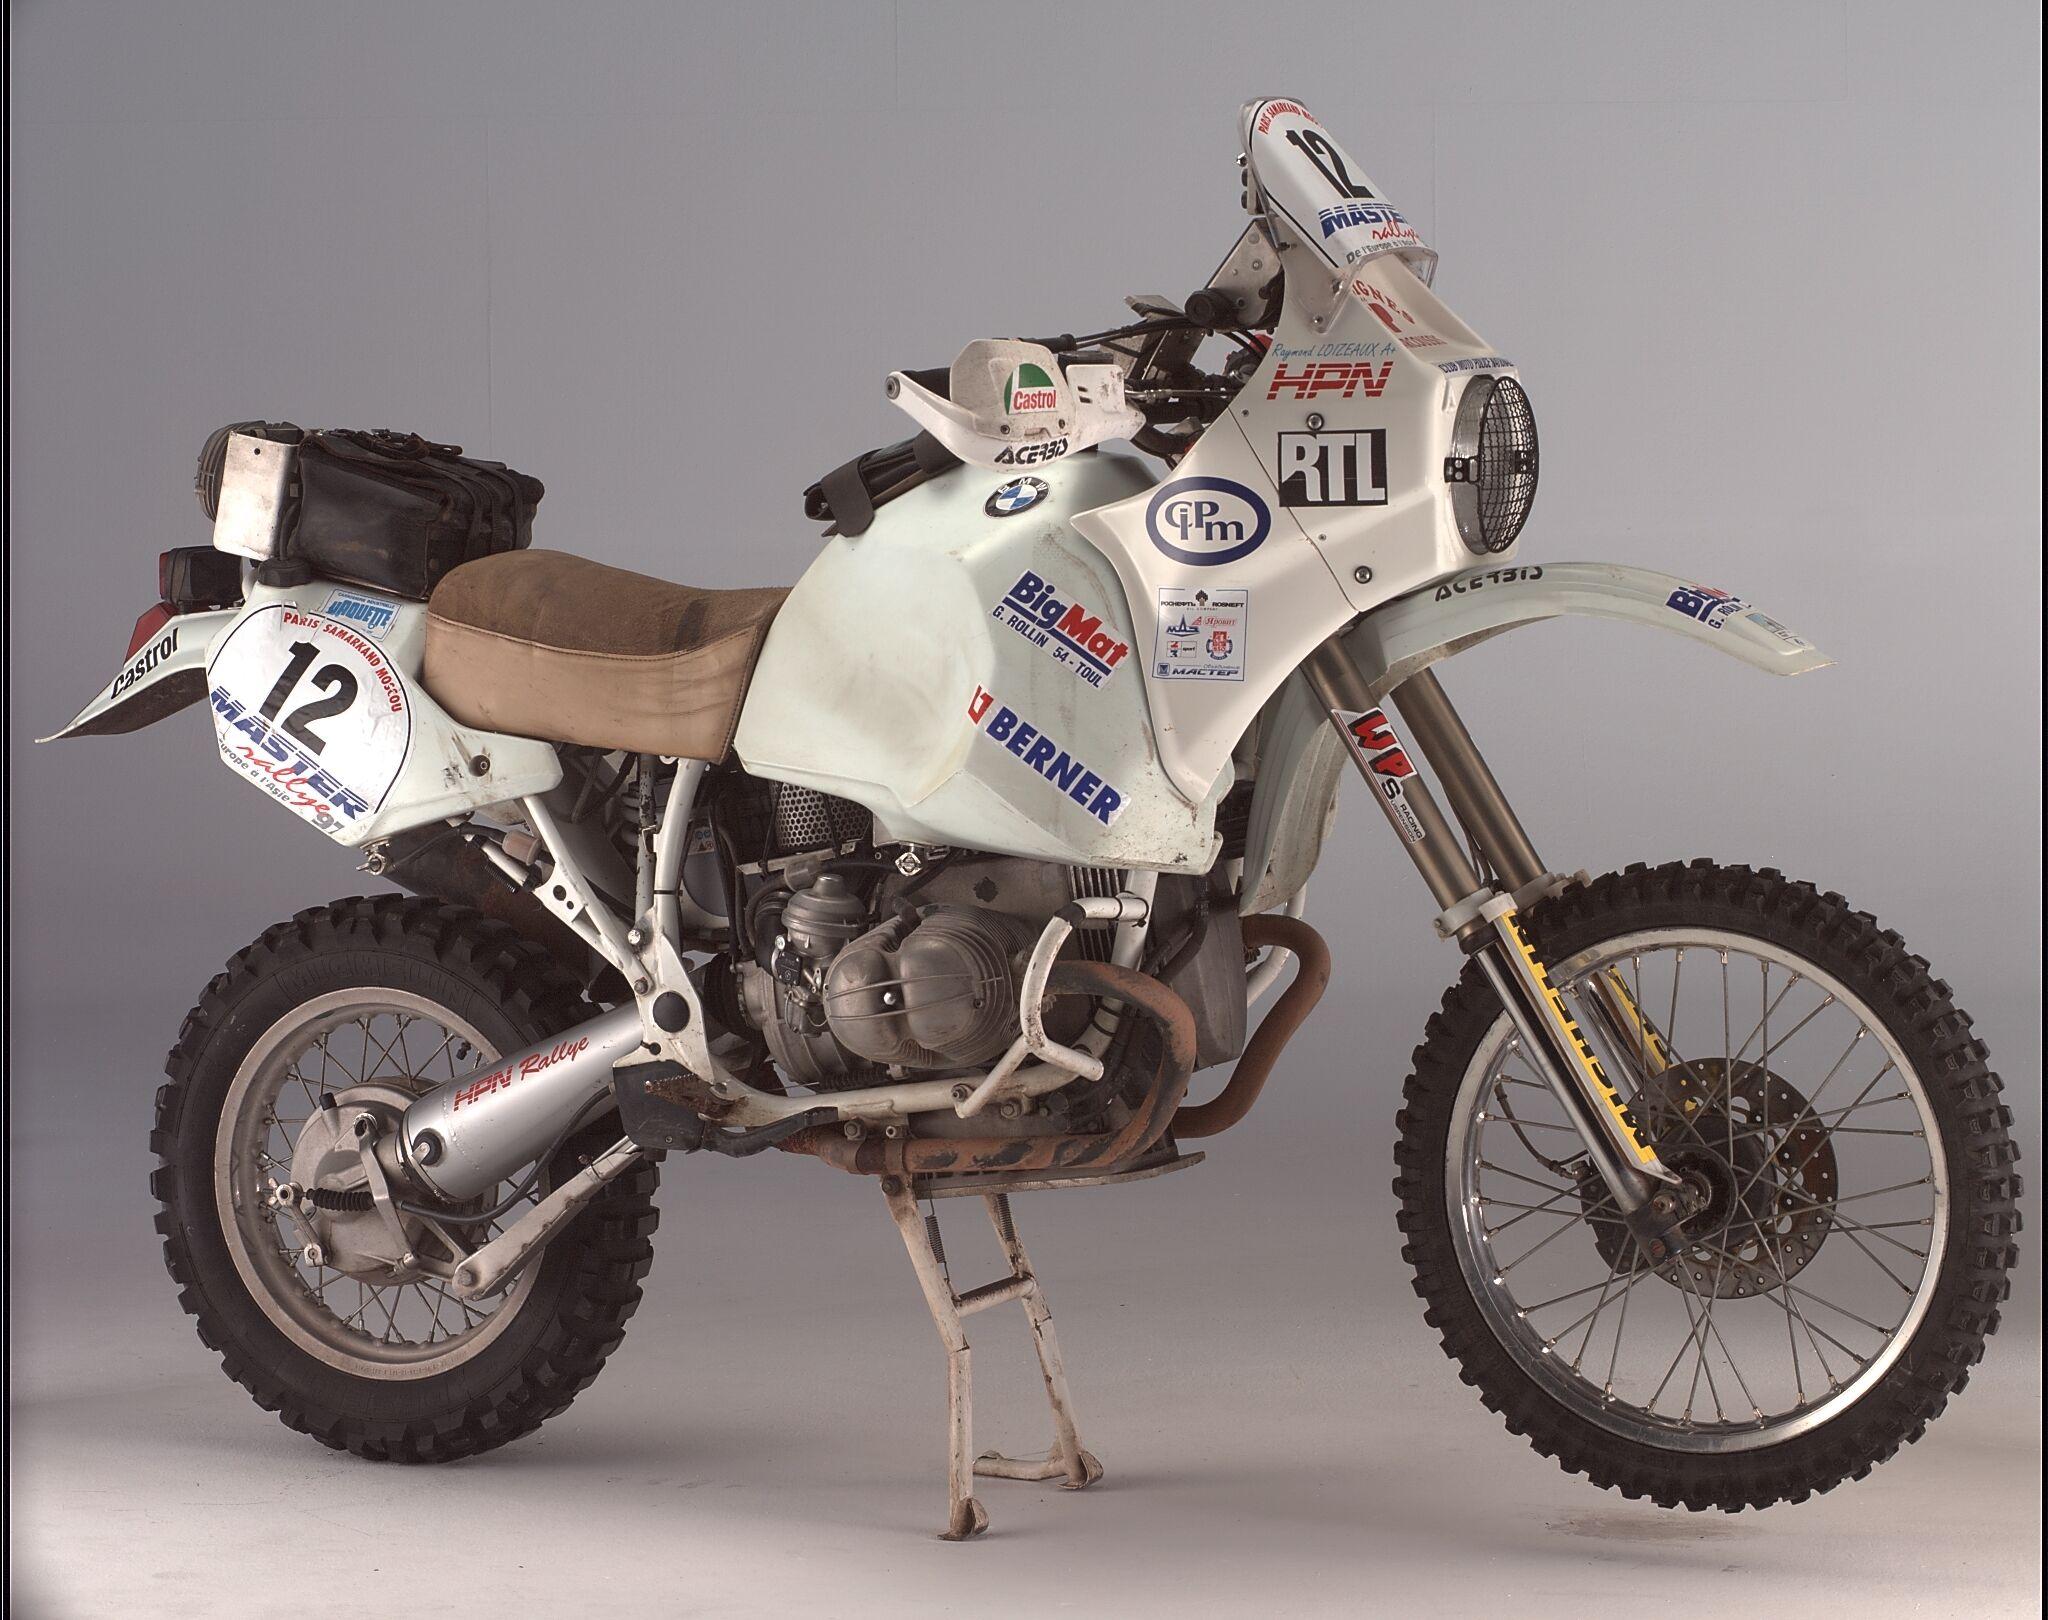 Bmw Airhead Bmw Dirt Bikes By Hpn Nelson S Bmw Airhead